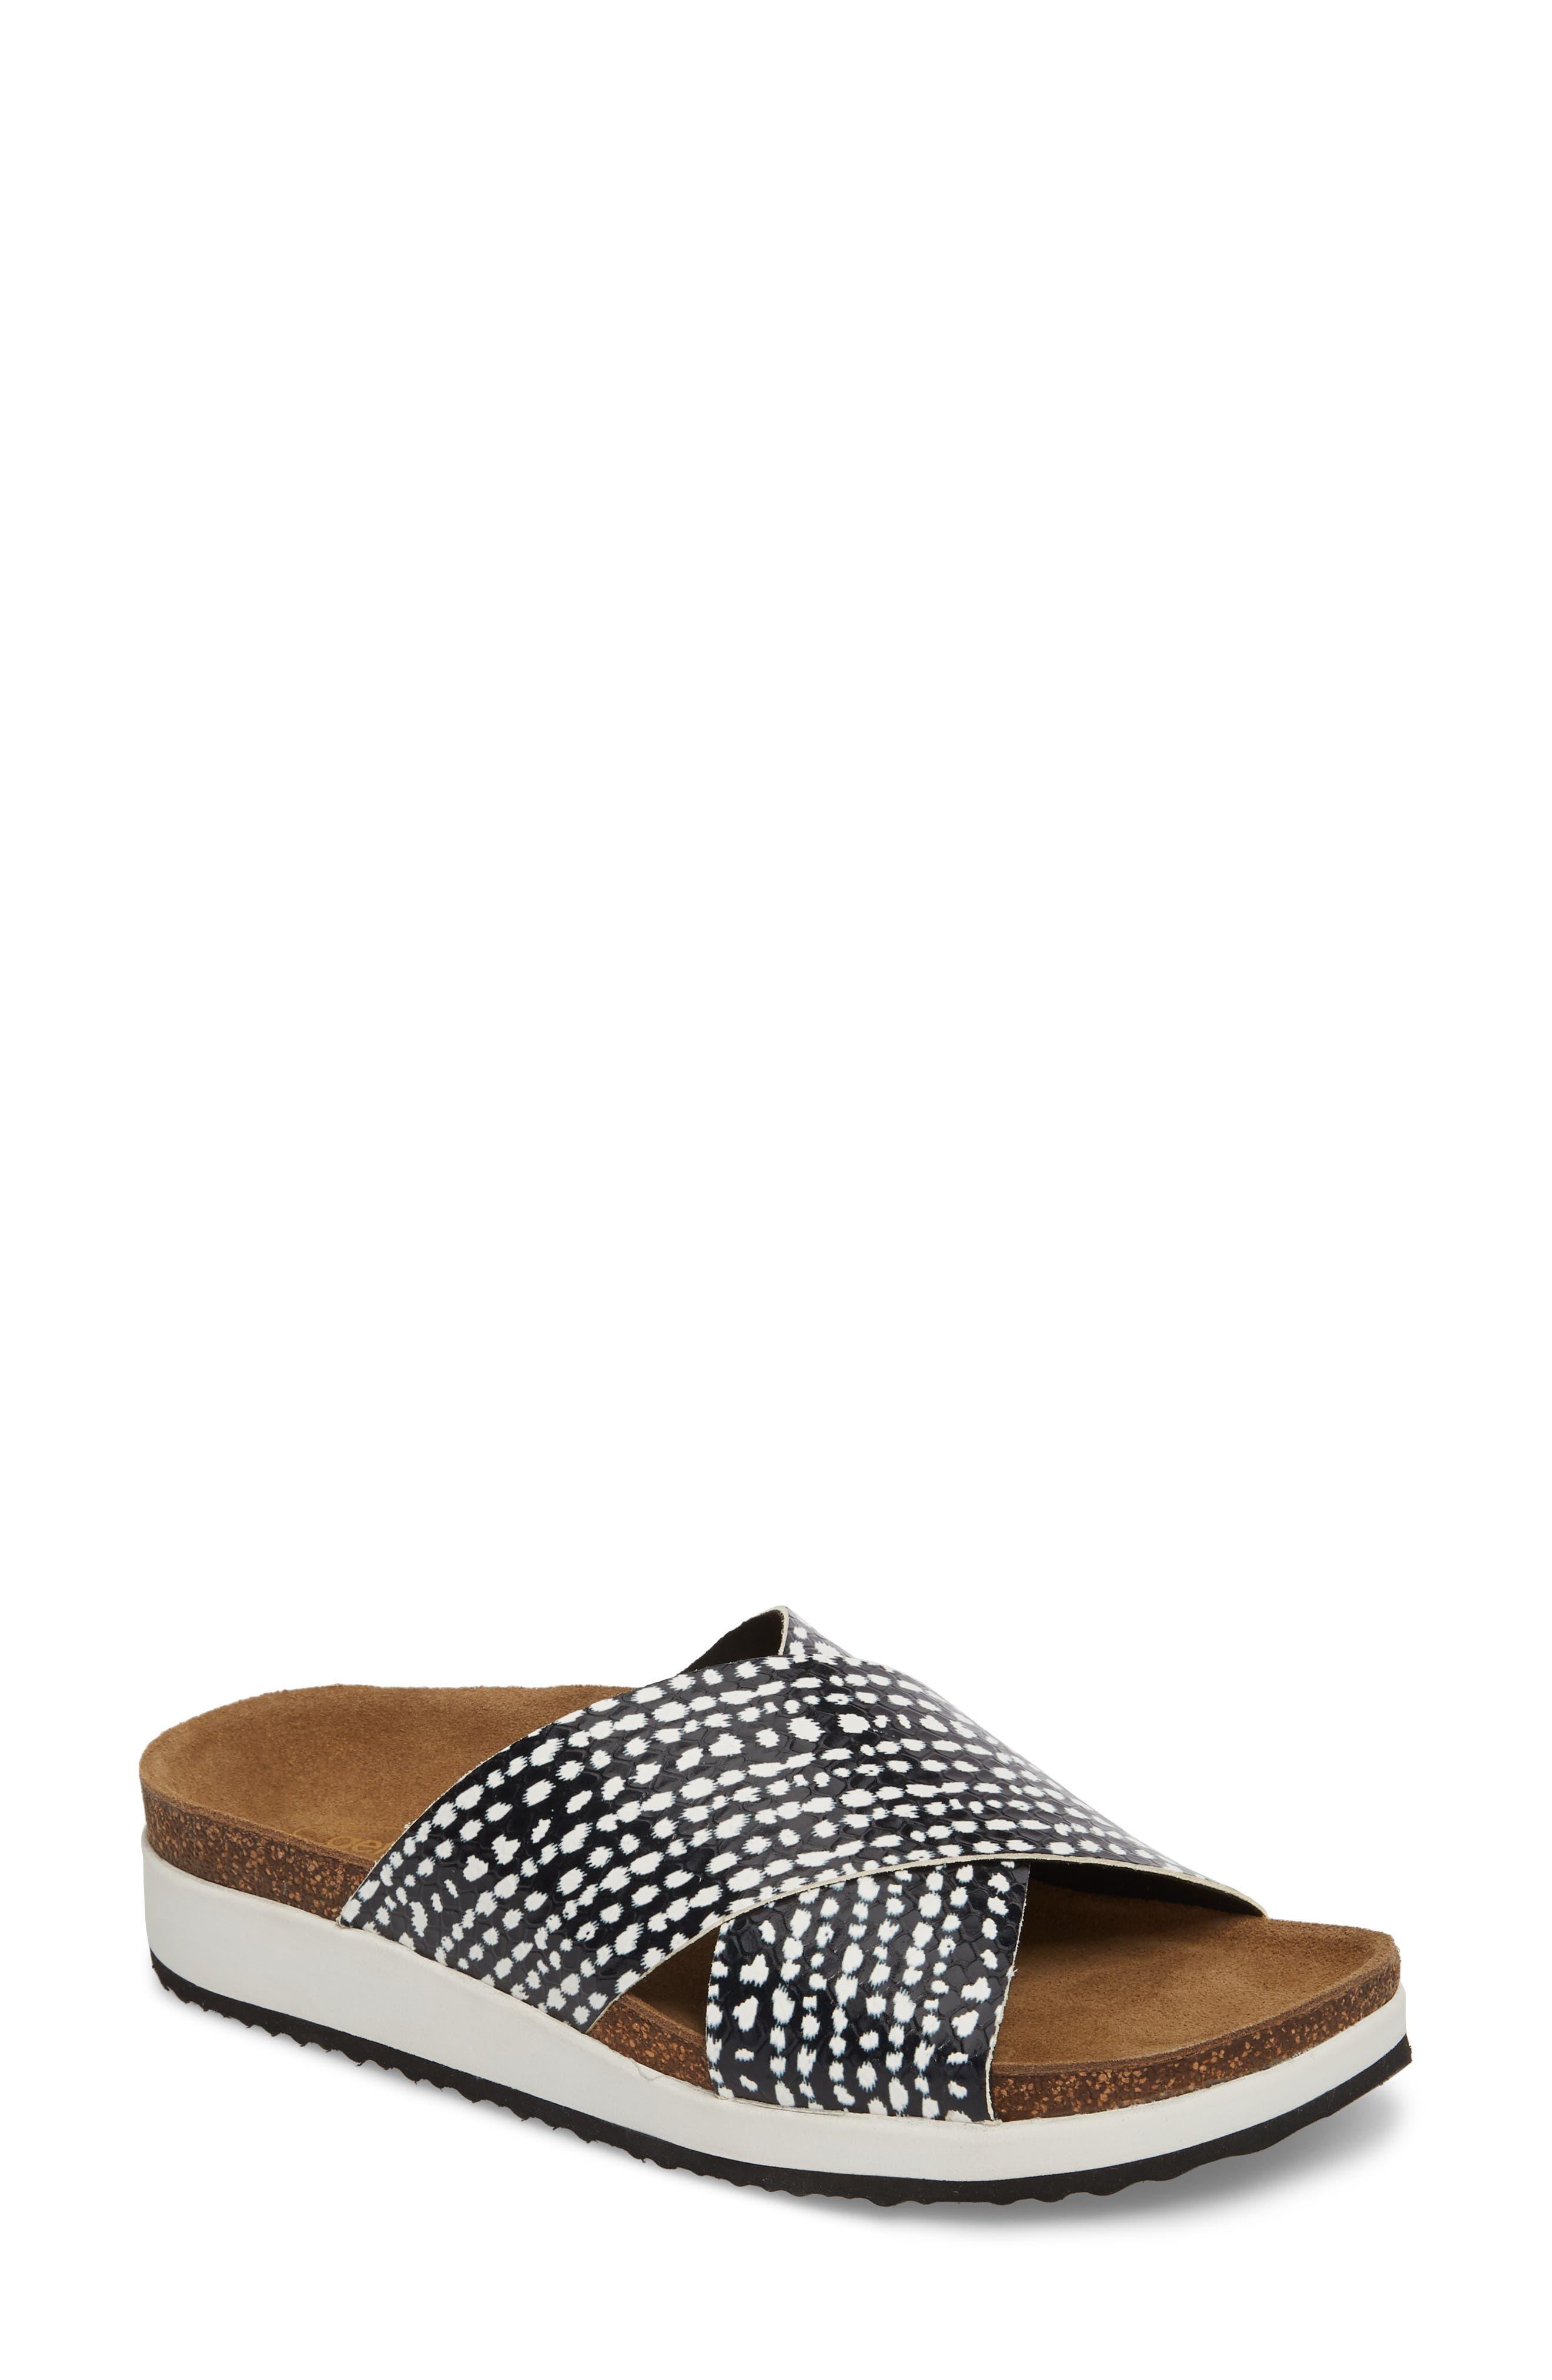 Dawn Slide Sandal,                         Main,                         color, Panda Print Leather